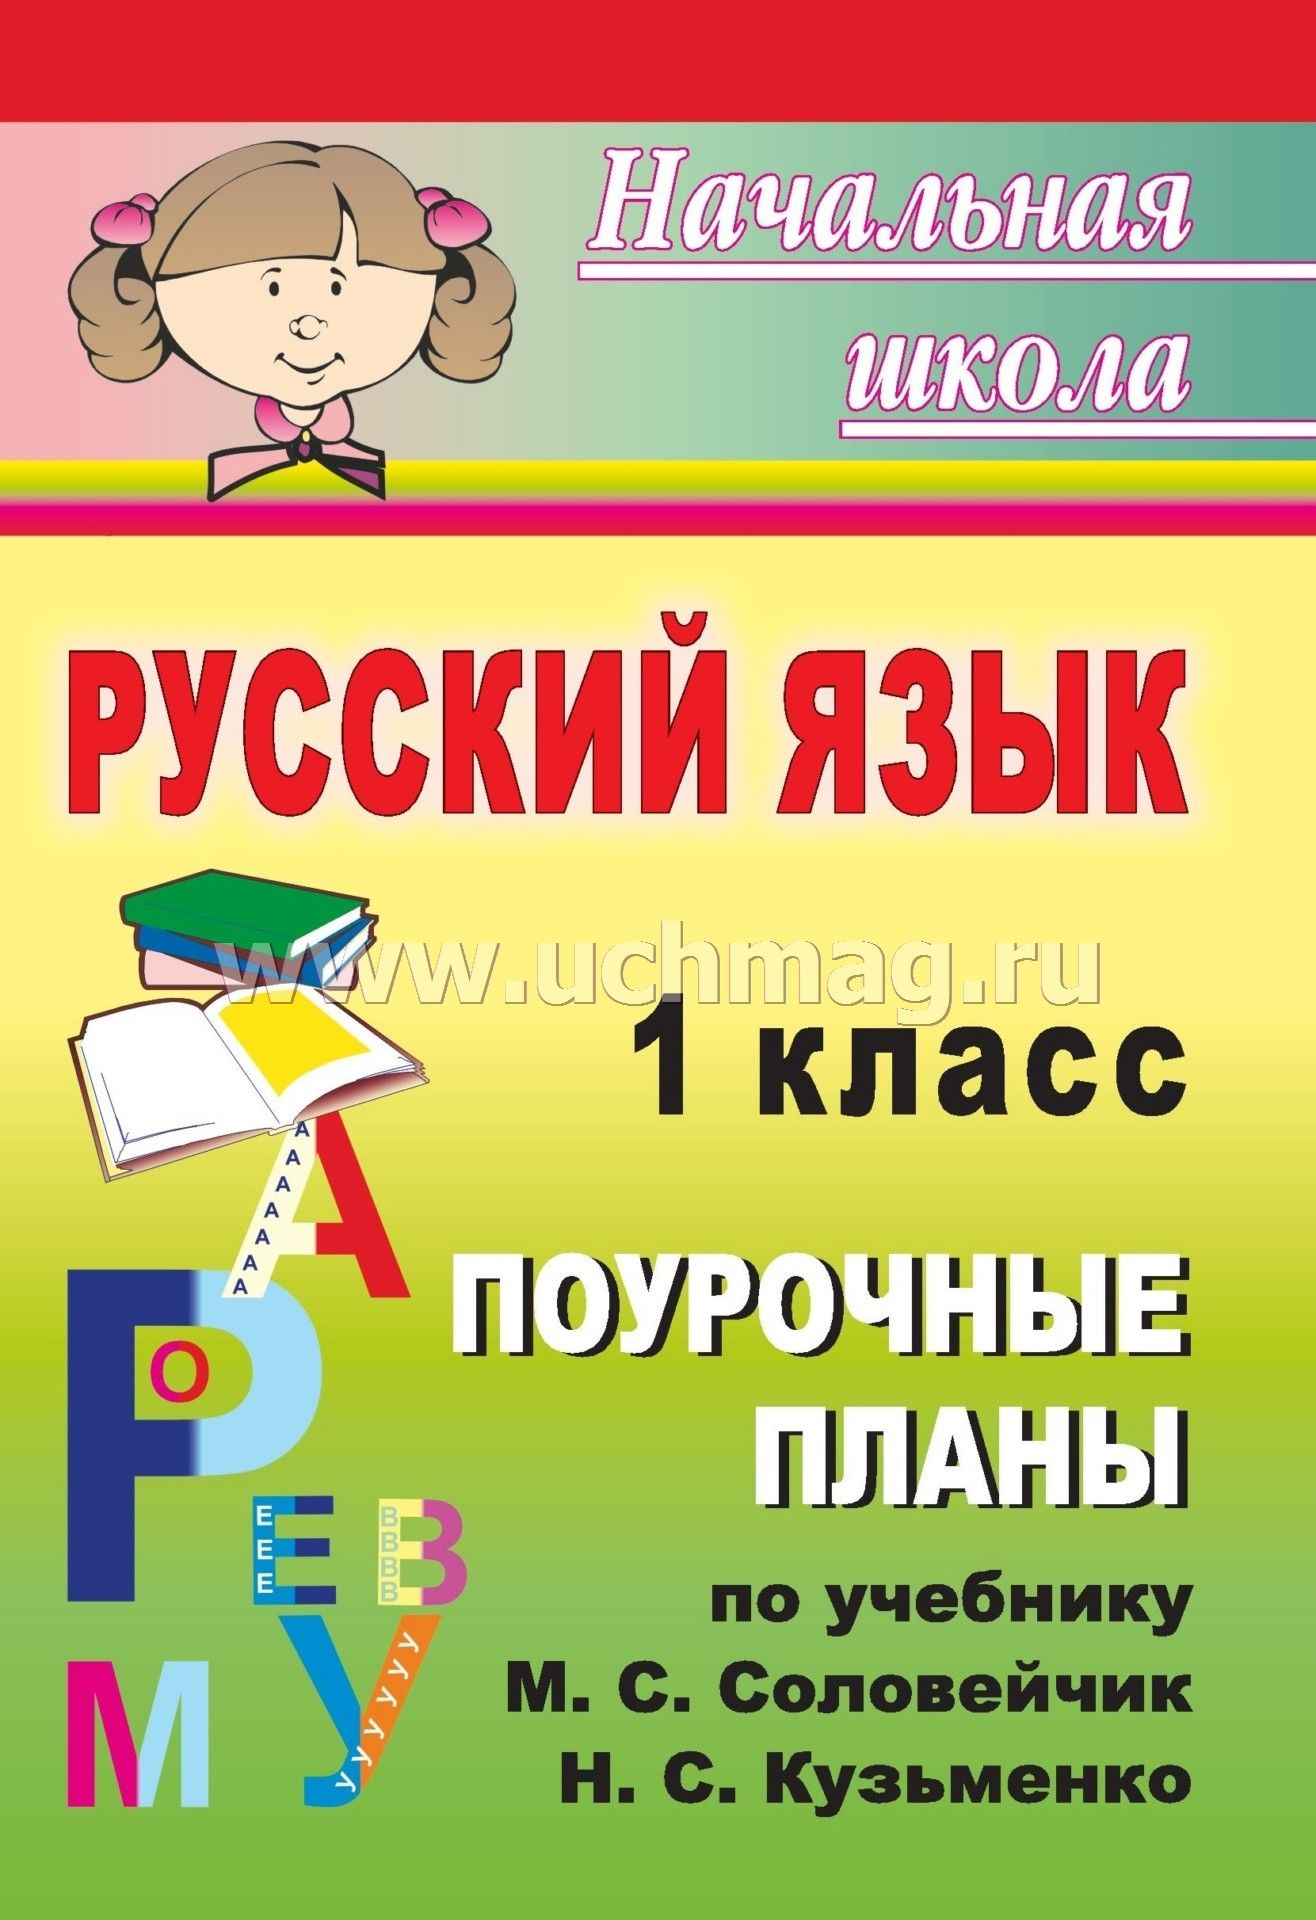 Скачать русский язык 4 класс: поурочные разработки уроков по учебнику зелениной